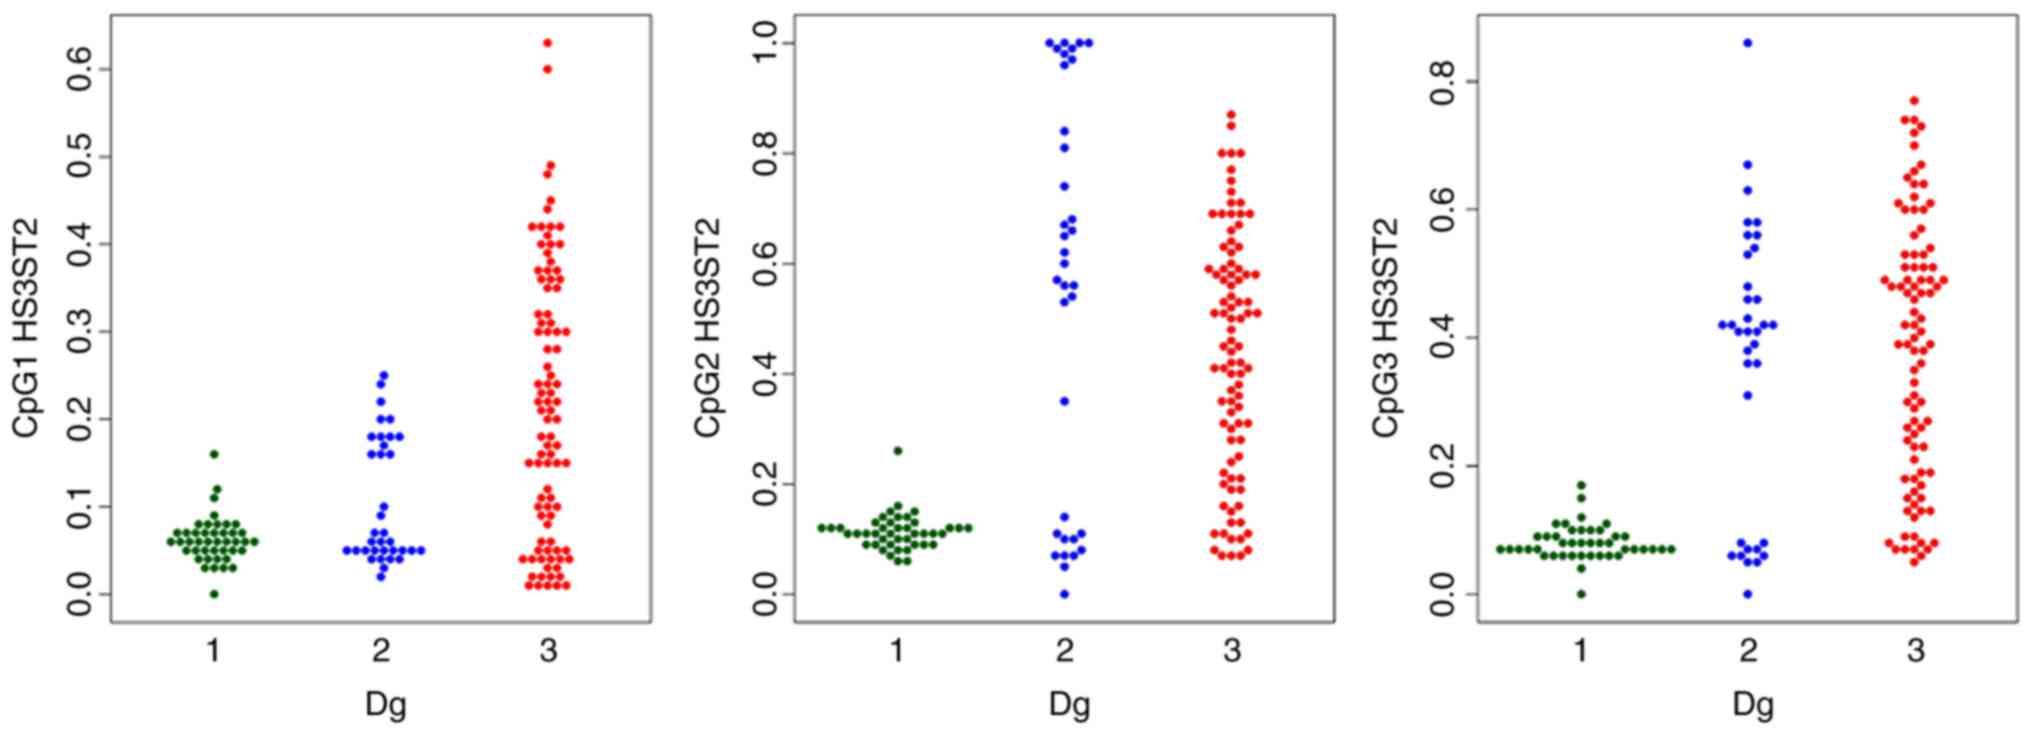 Methylation status of KLF4 and HS3ST2 genes as predictors of